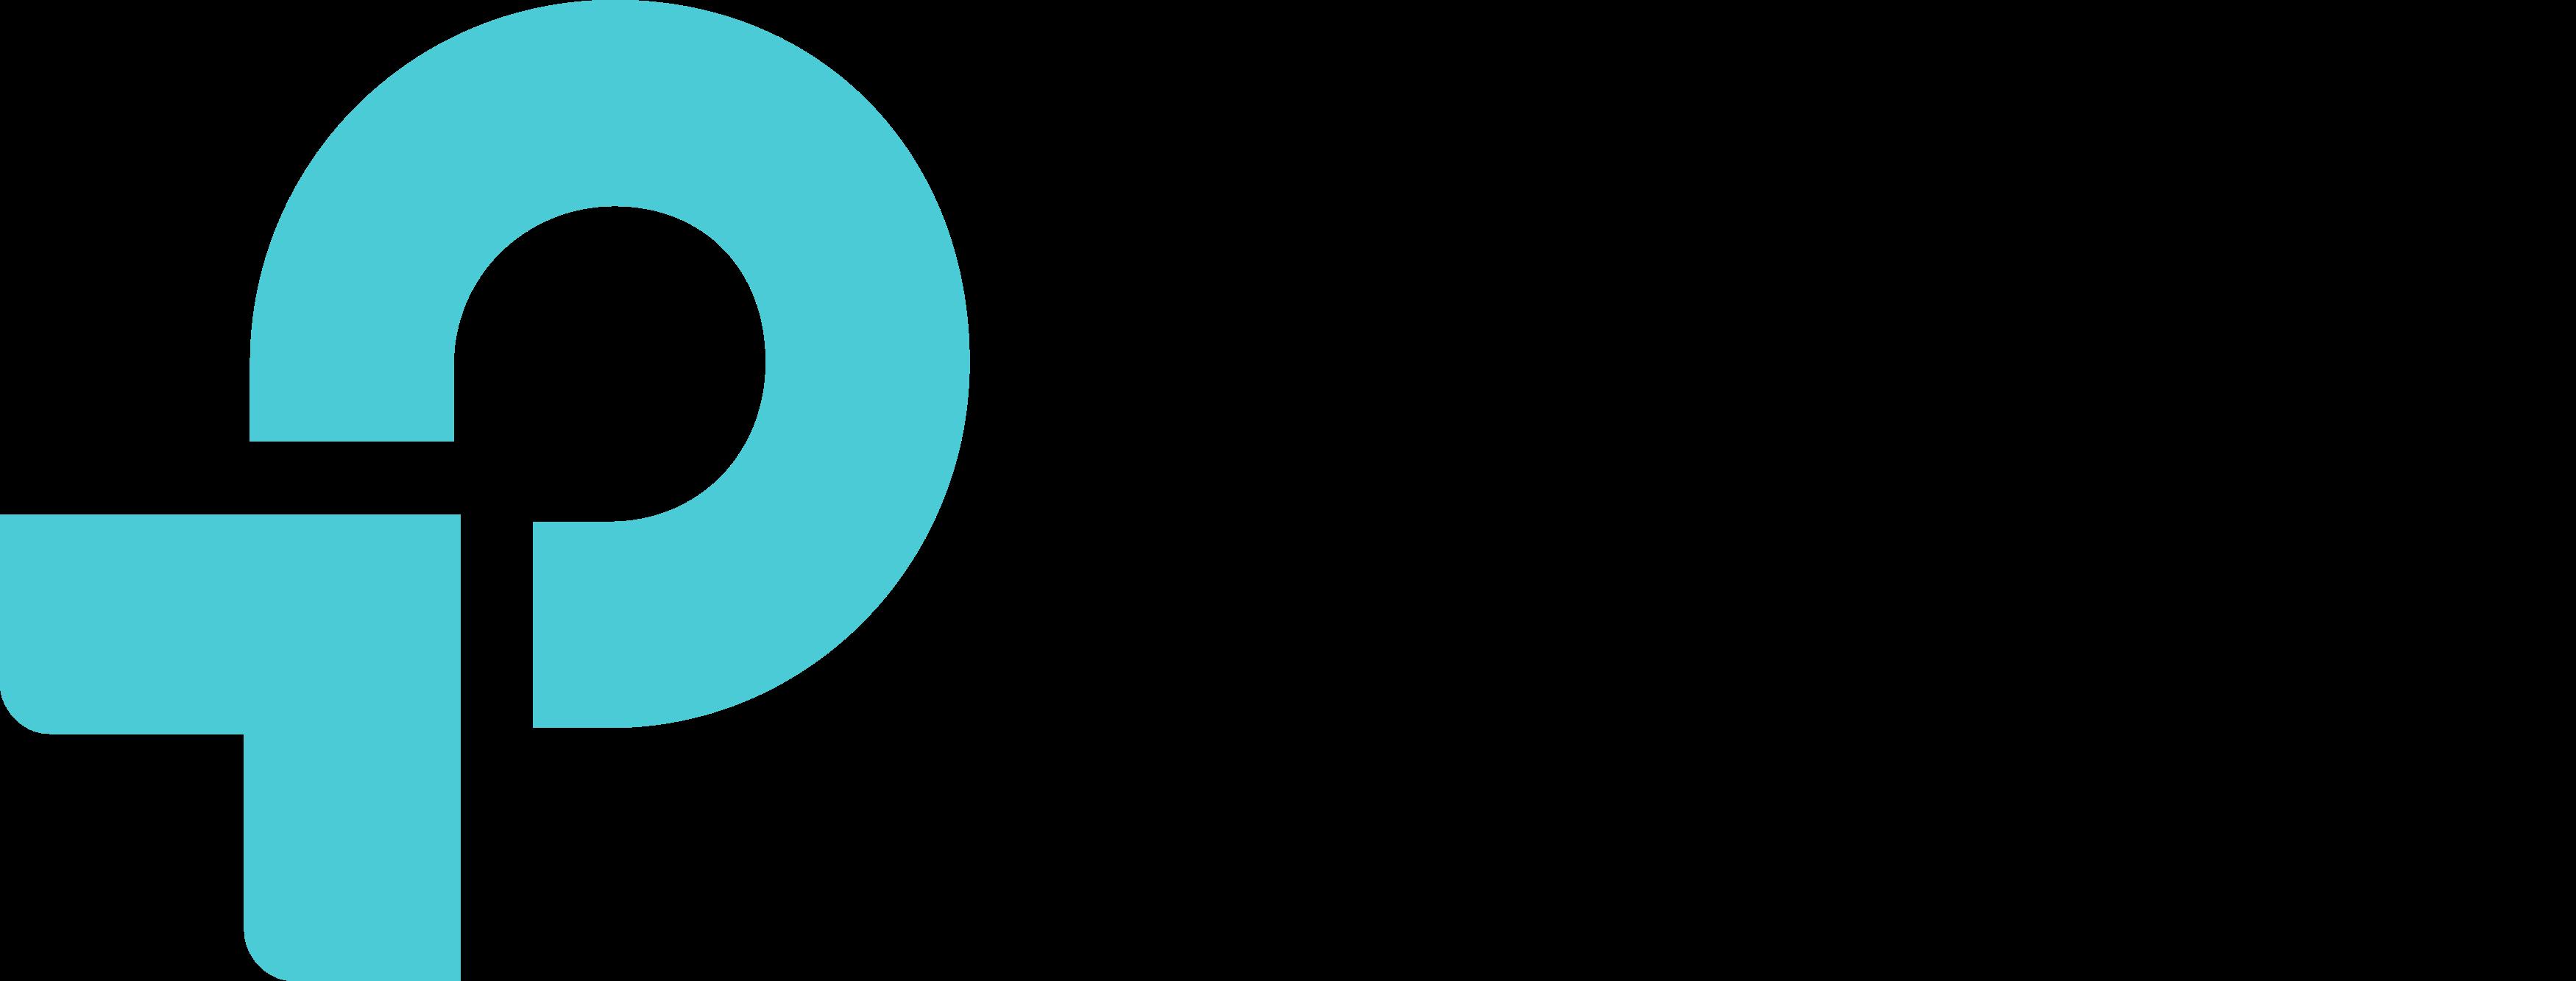 tp link logo - TP-Link Logo